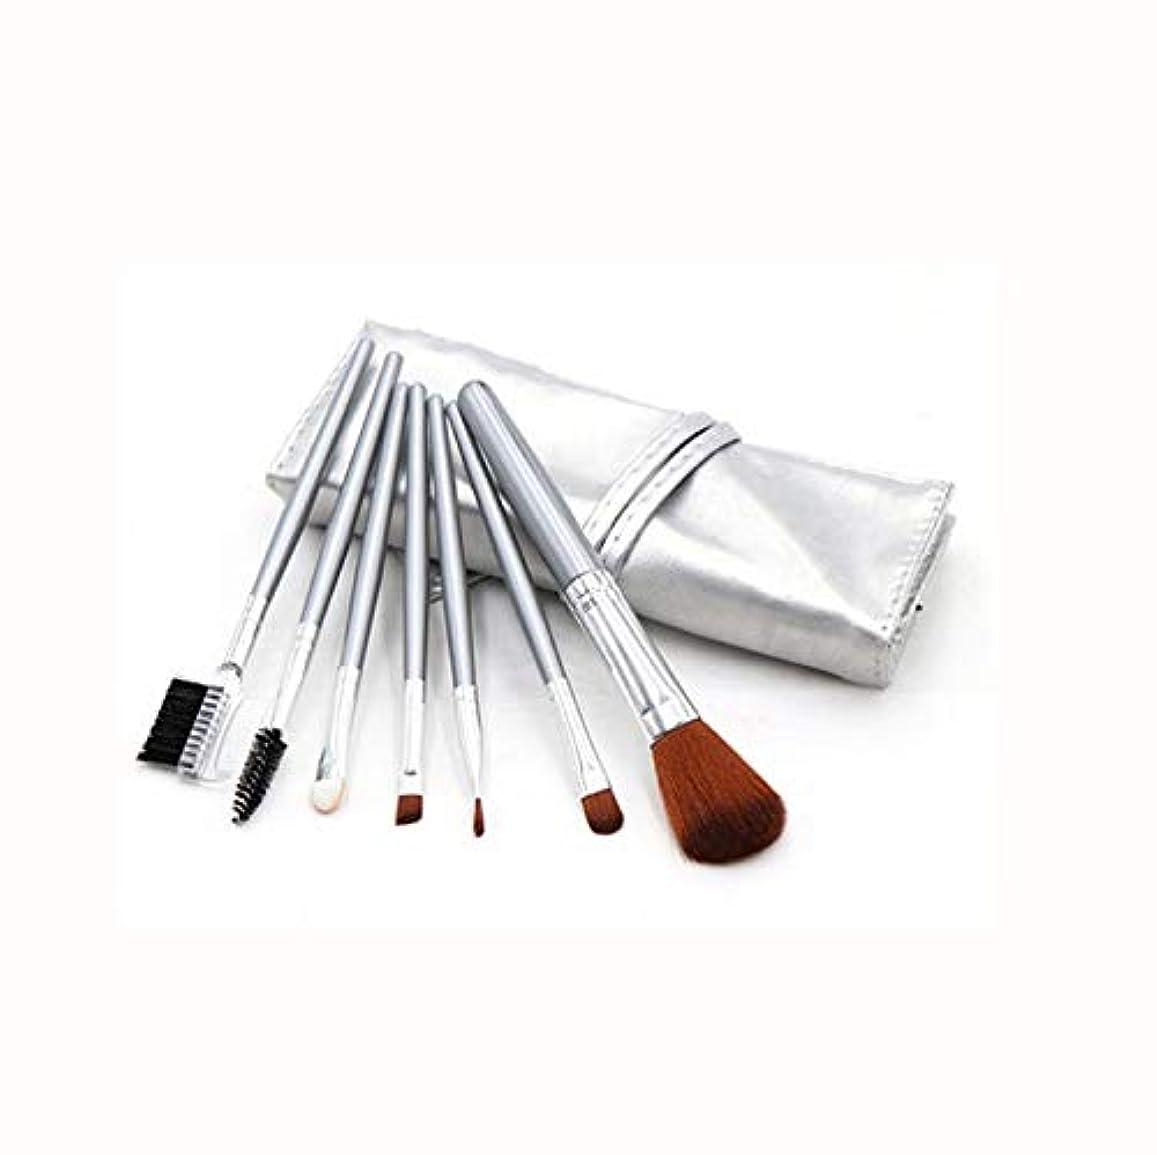 リビングルームラバ立方体ShiMin 化粧ブラシセット、シルバー7化粧ブラシ化粧ブラシセットアイシャドウブラシリップブラシ美容化粧道具